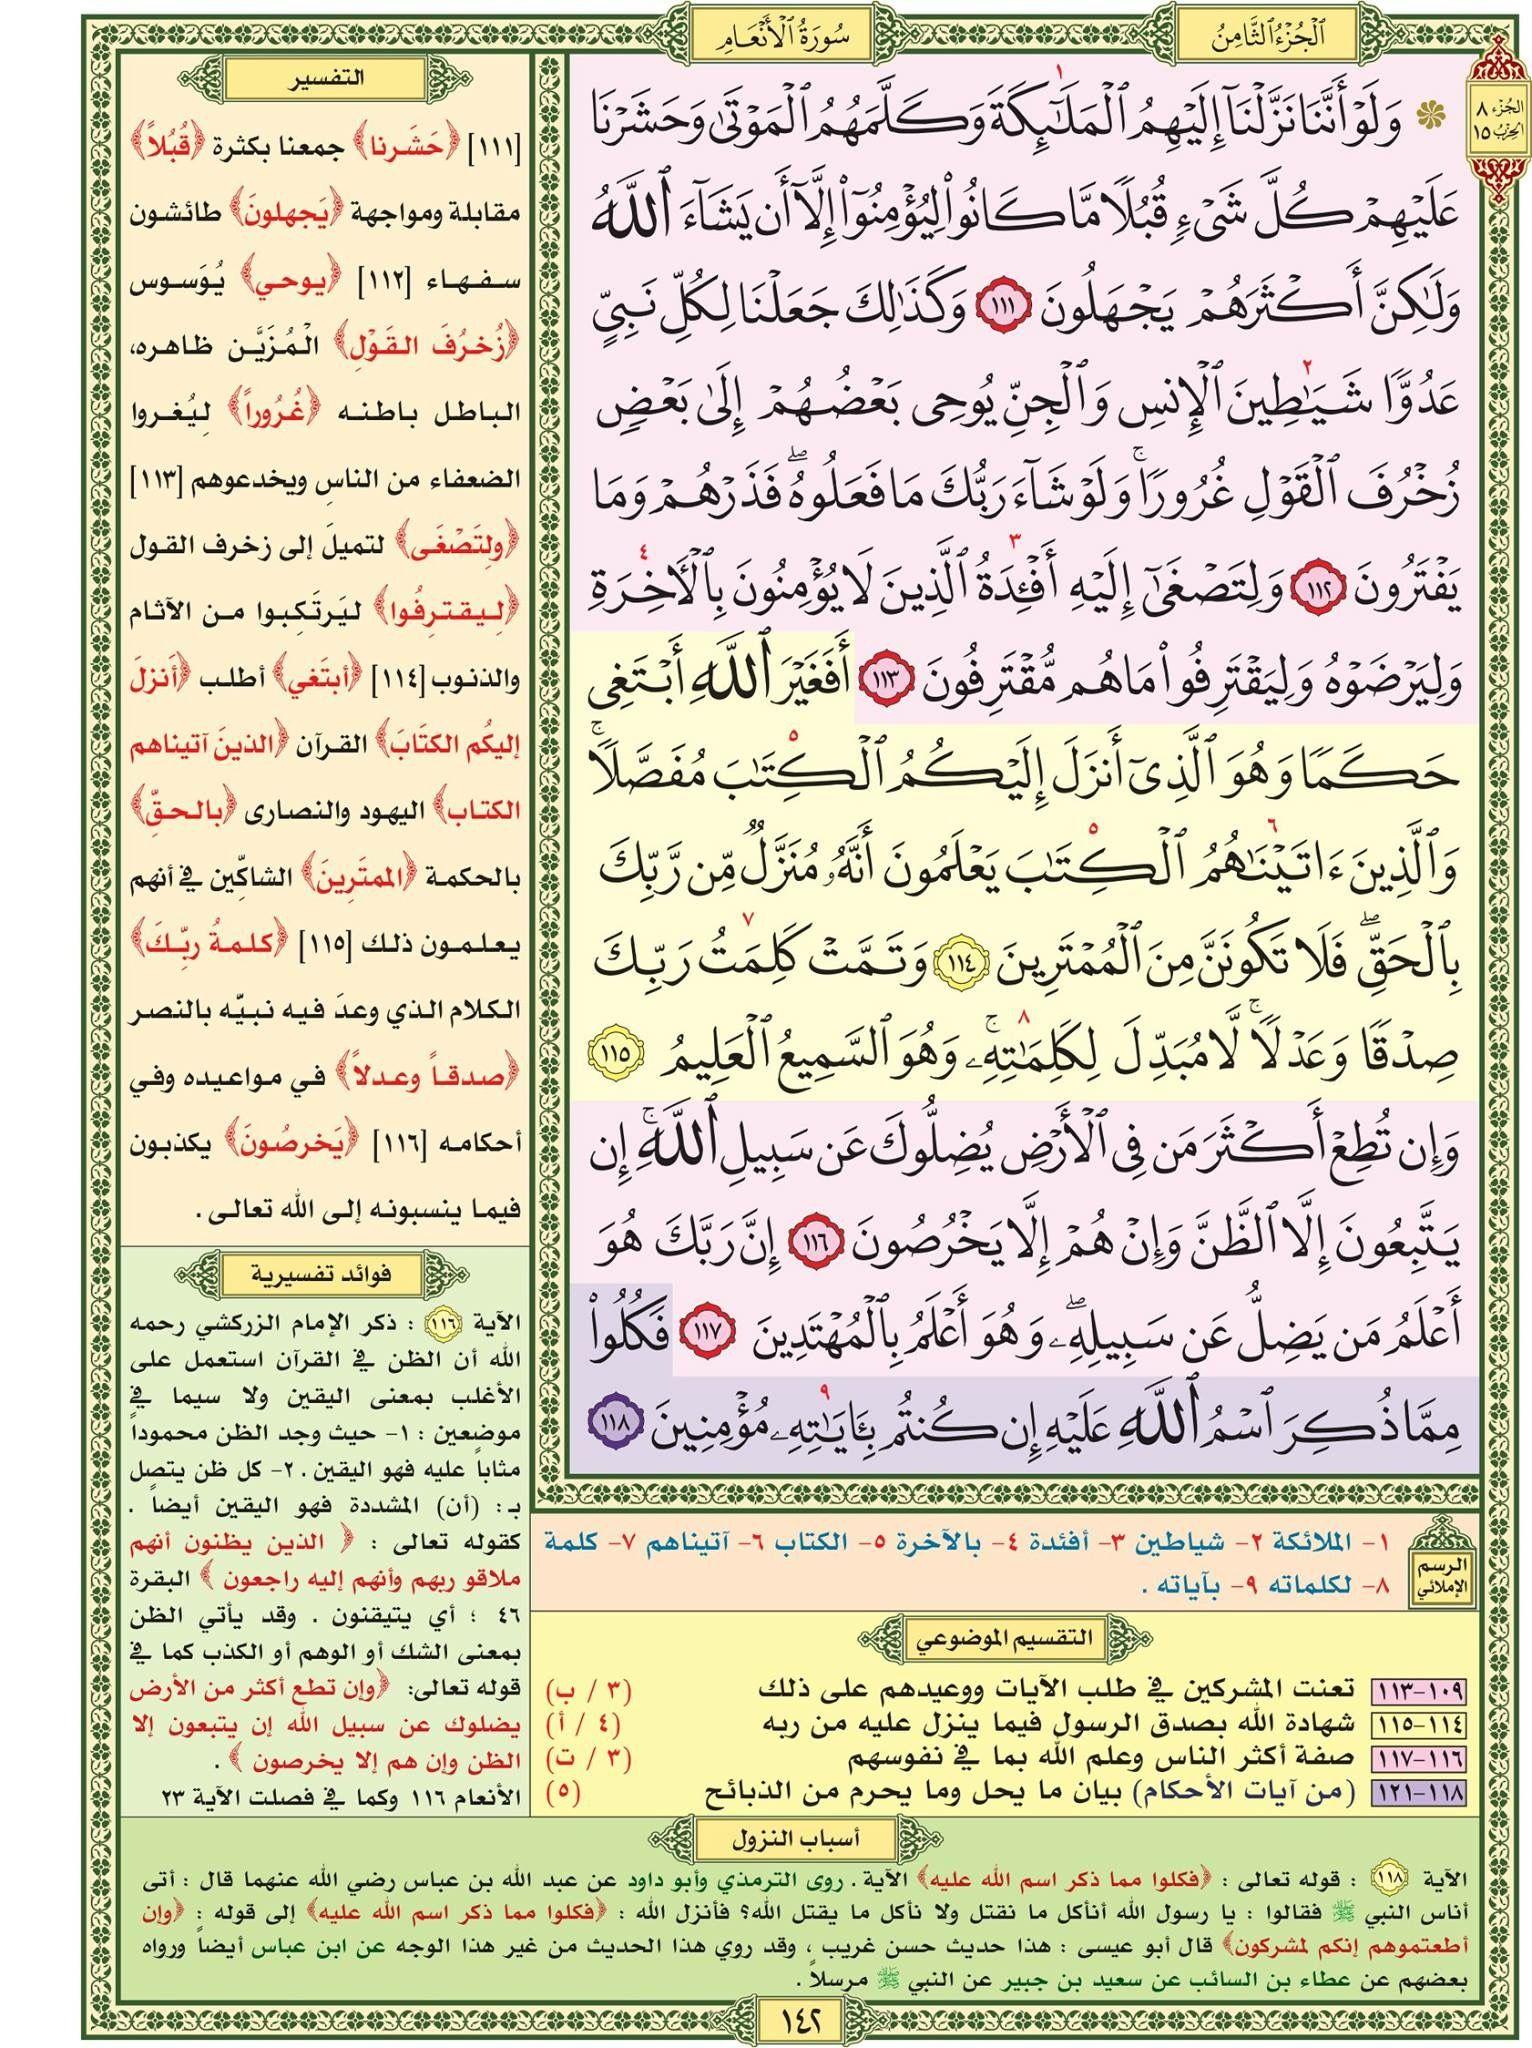 سورة الأنعام صفحة ١٤٢ مصحف التقسيم الموضوعي للحافظ المتقن Quran Verses Verses Quran